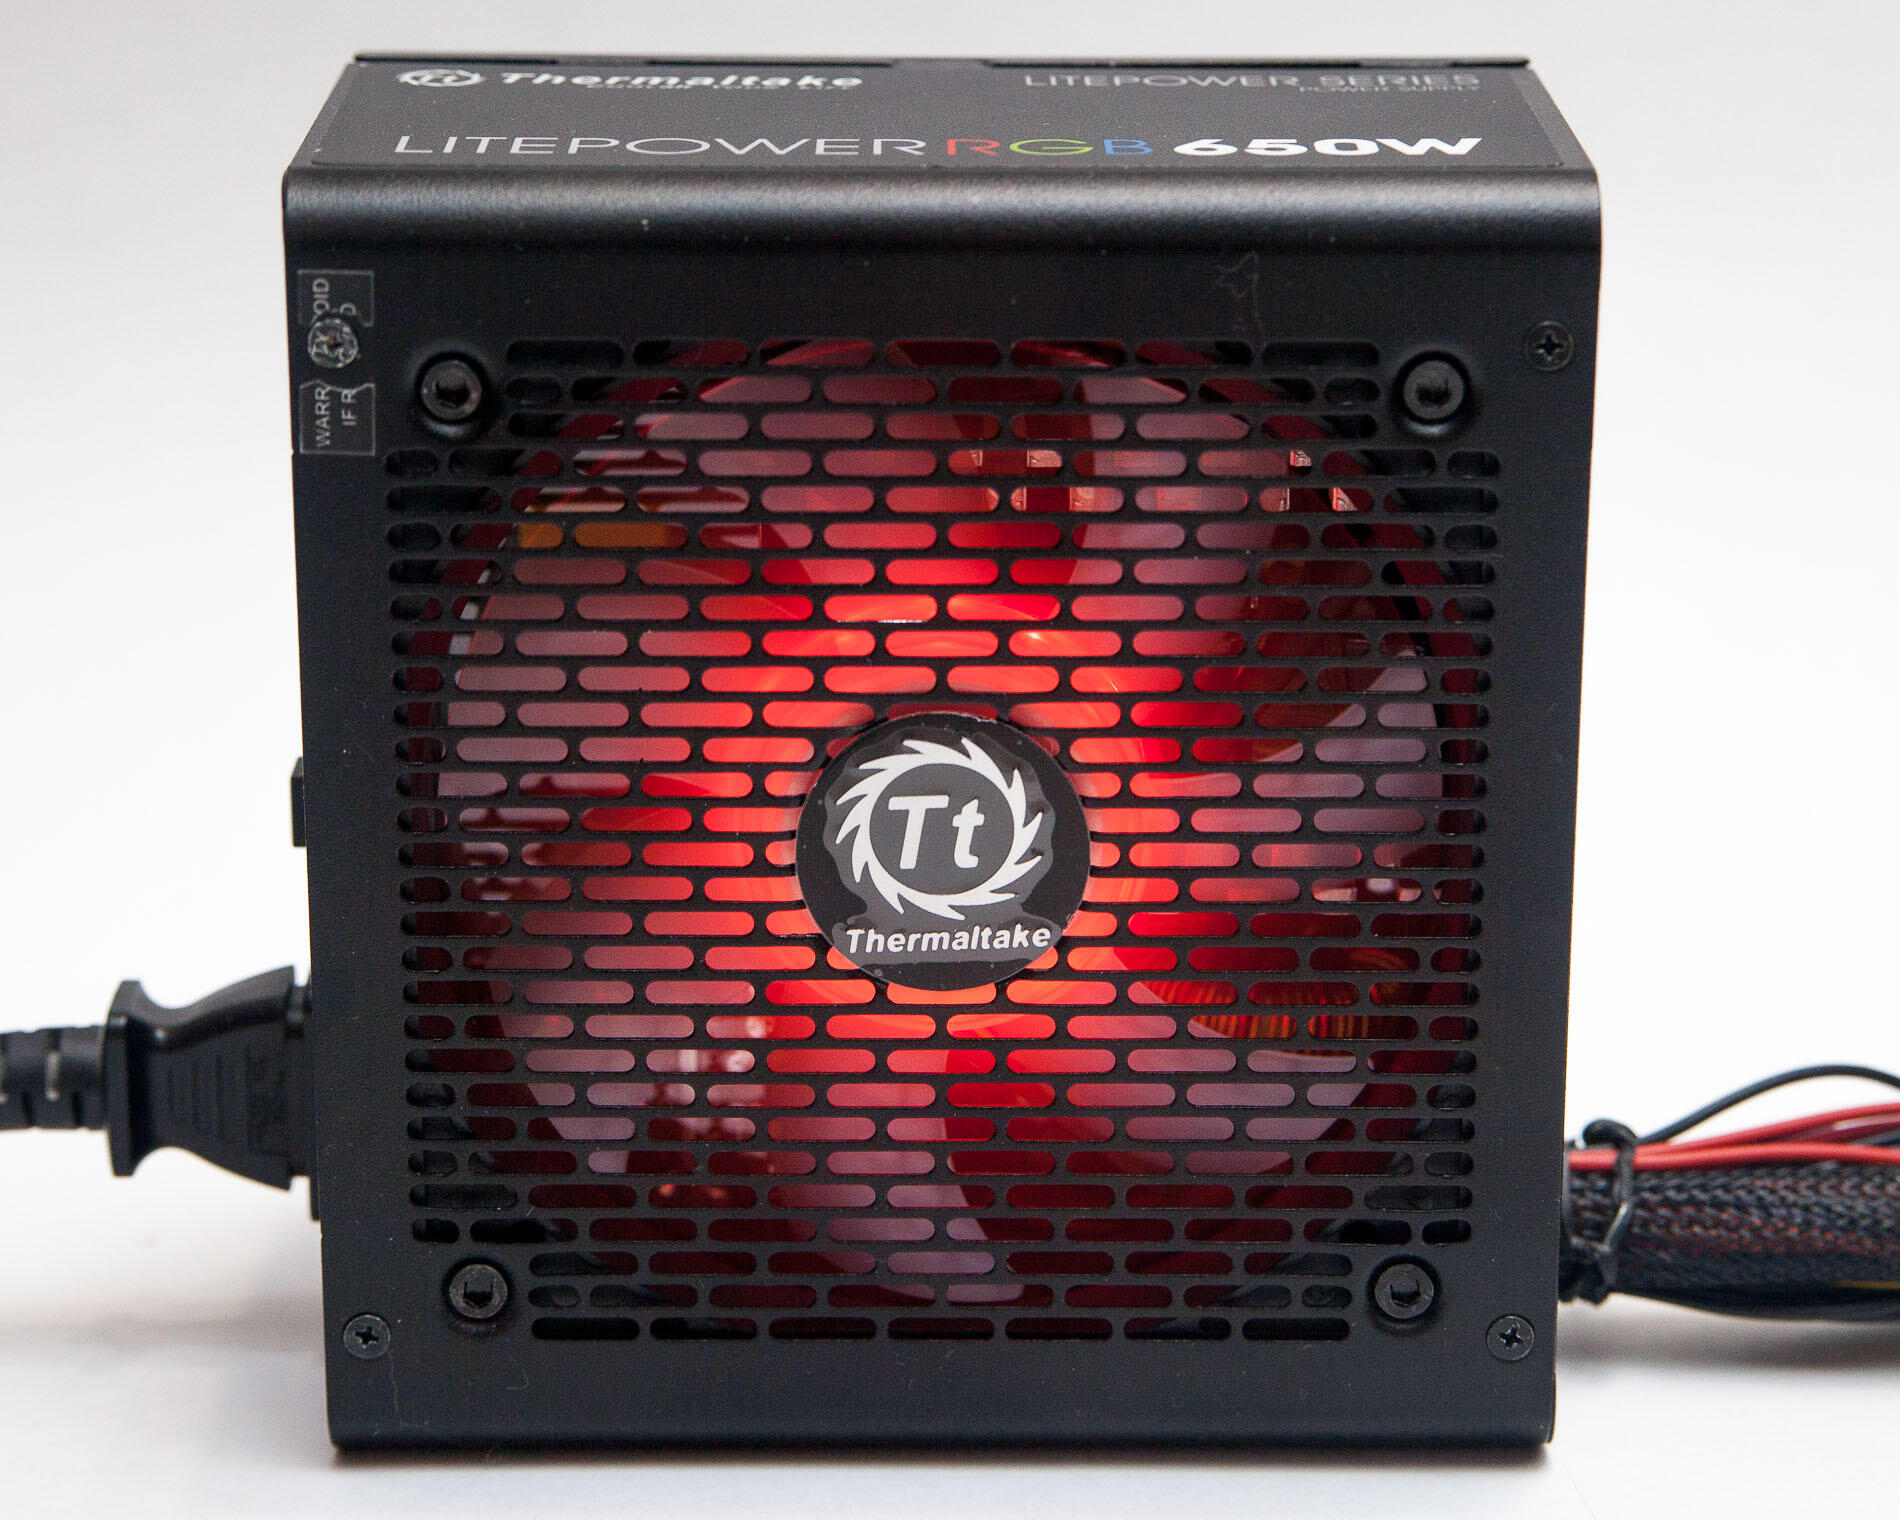 Kompyutery i komplektuyushcie - Obzor bloka pitaniya Thermaltake Litepower RGB 650W